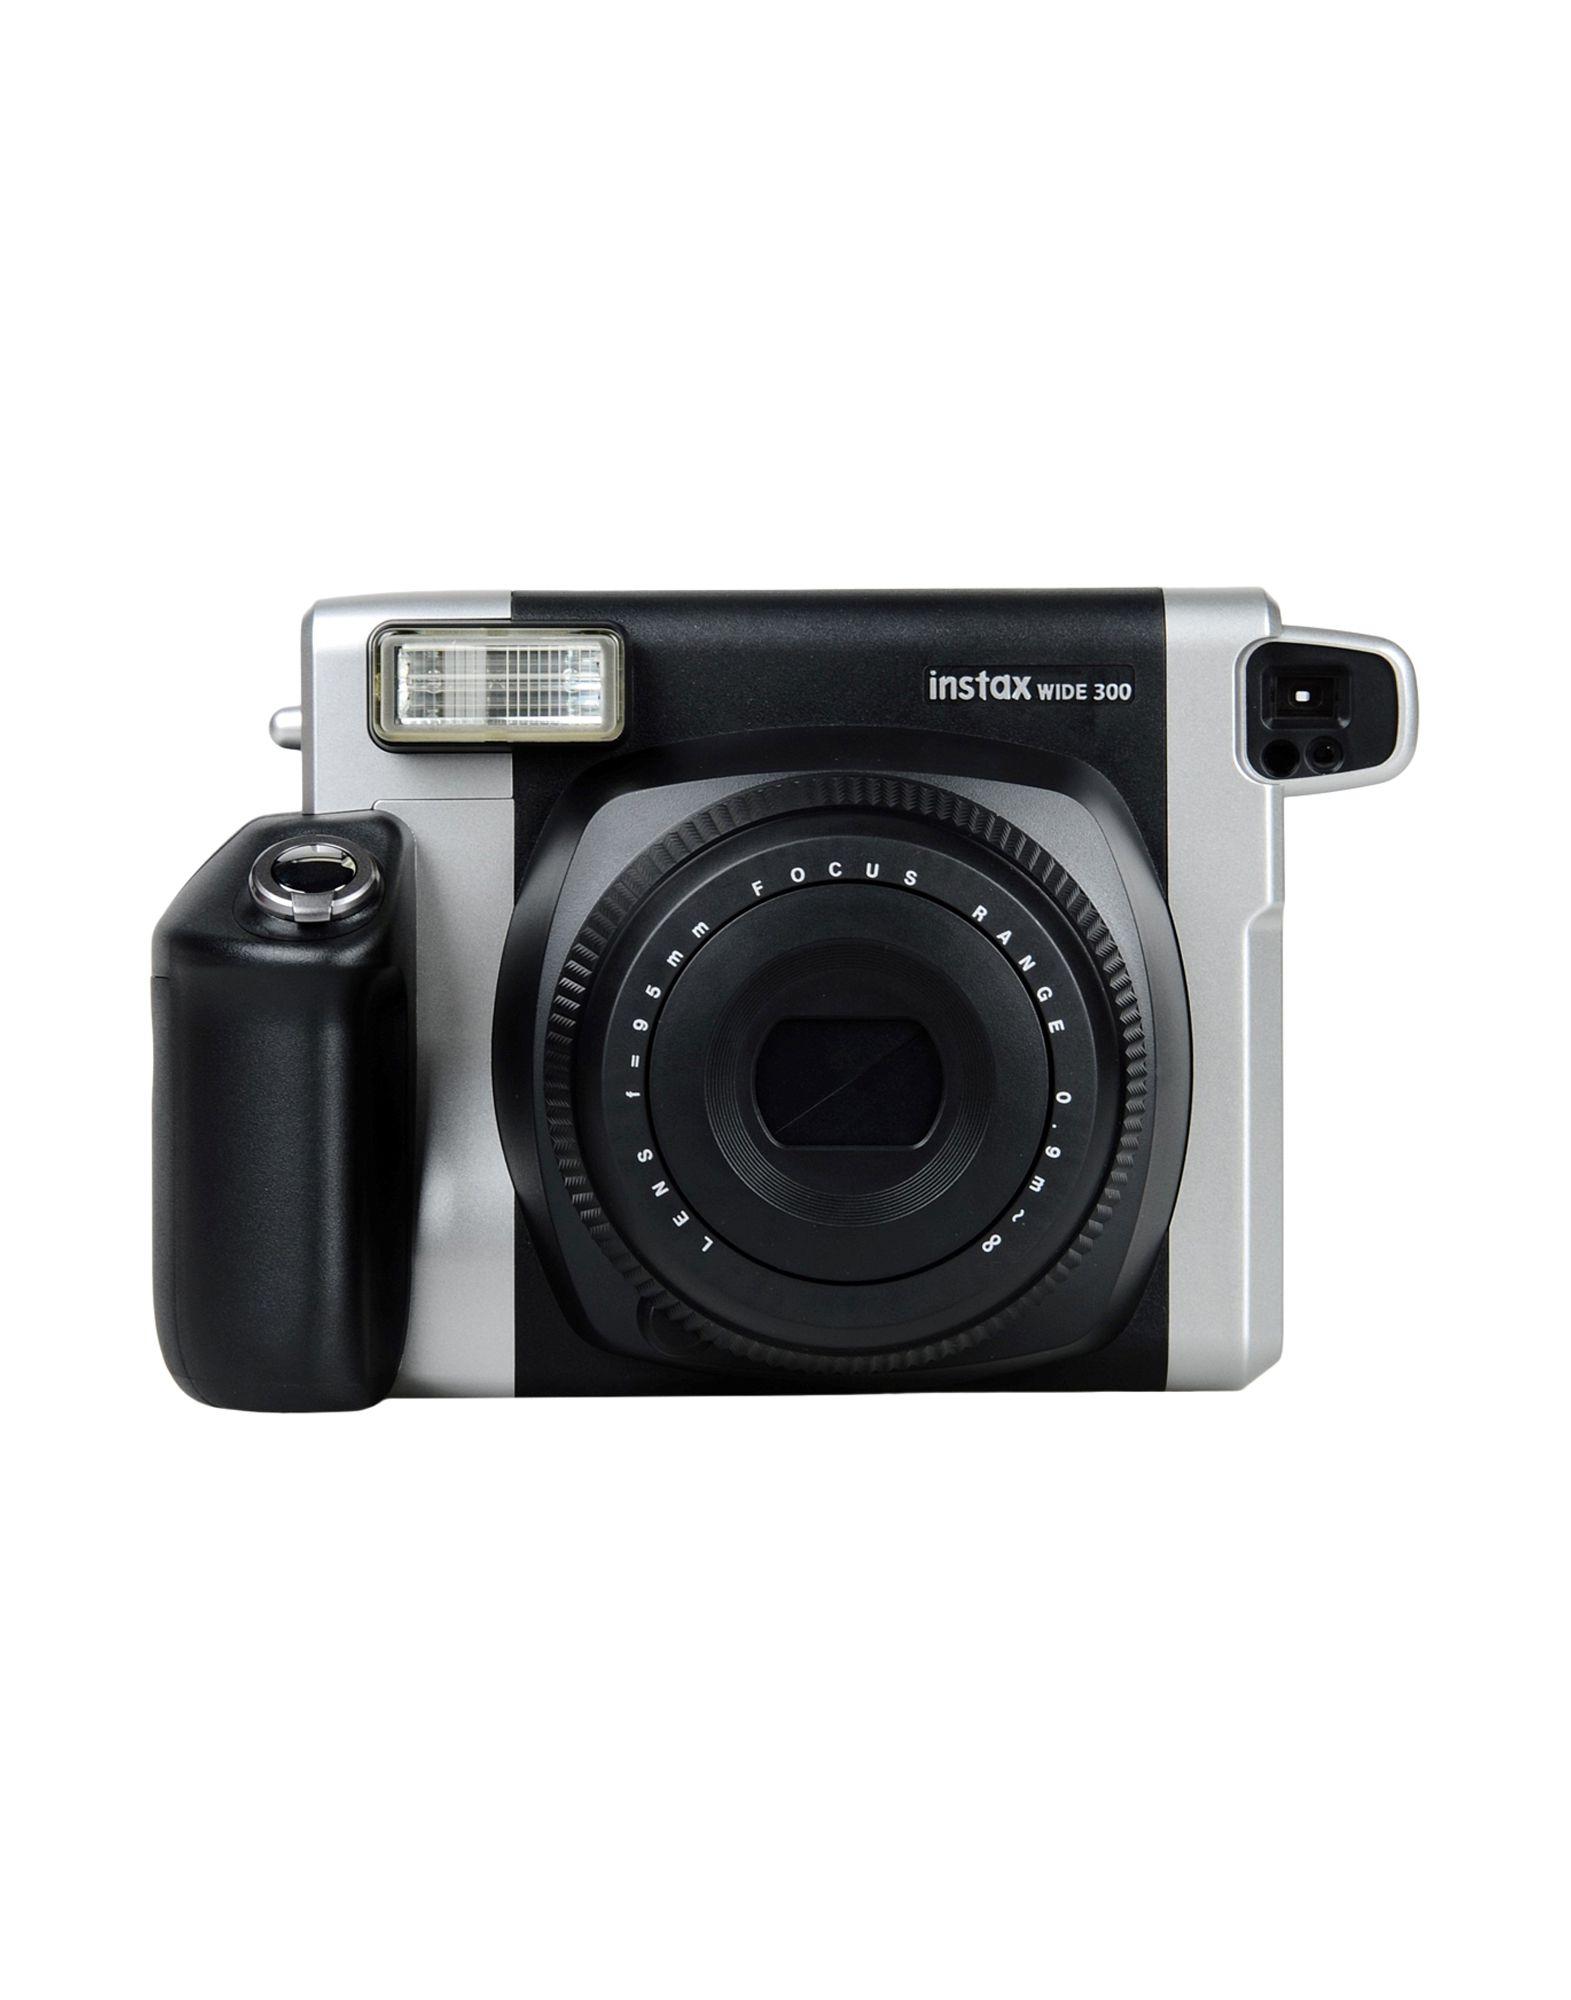 Foto E Video Fujifilm - DESIGN+ART Fujifilm - Acquista online su